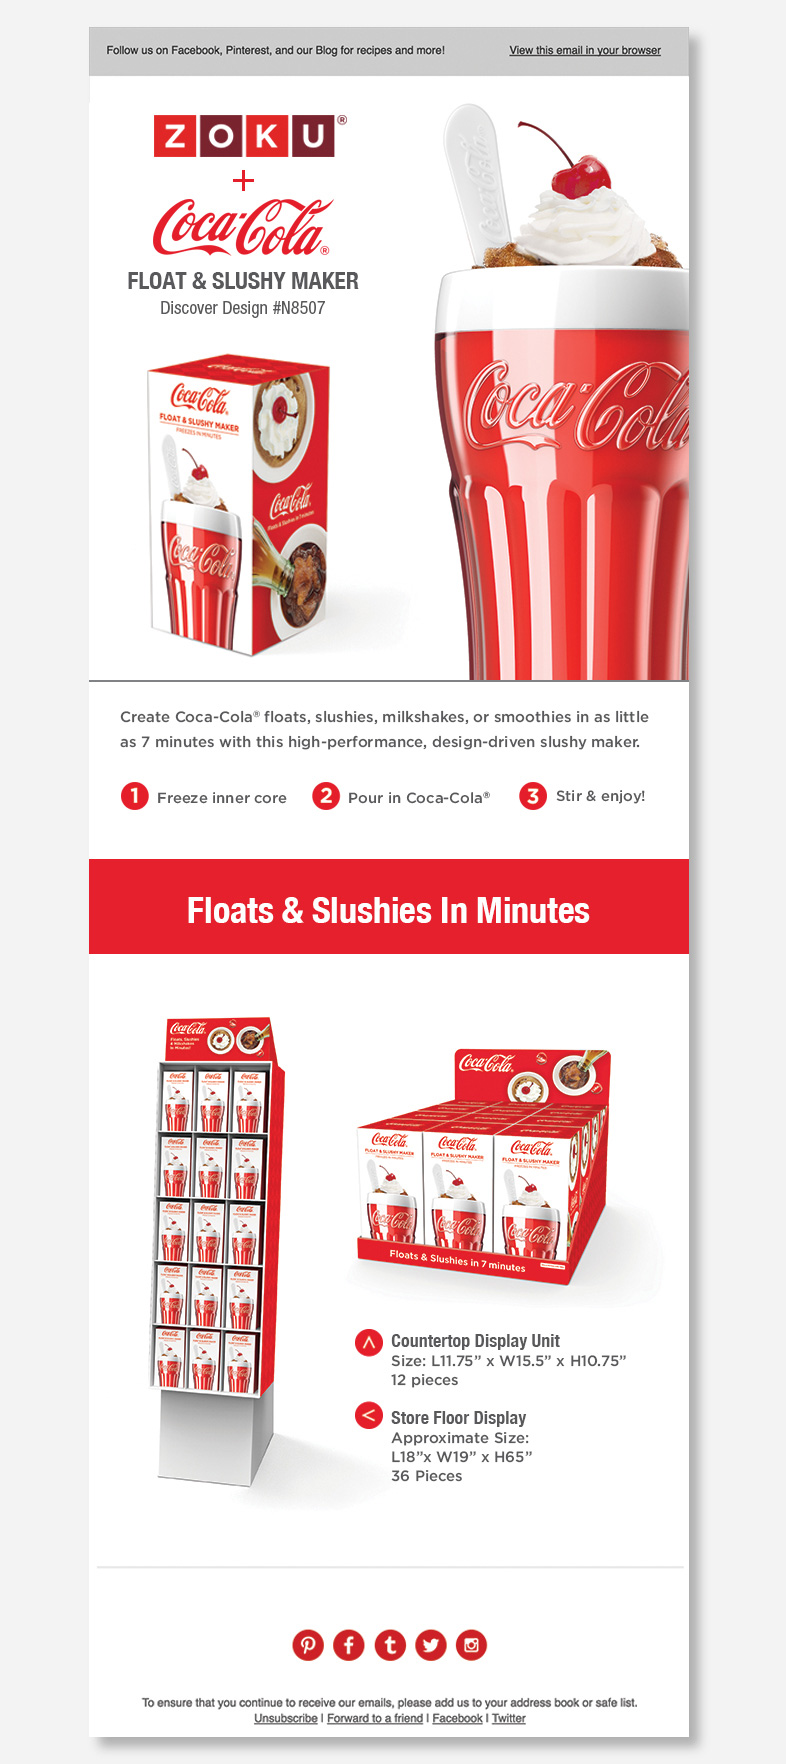 Coke_EmailBlast.jpg